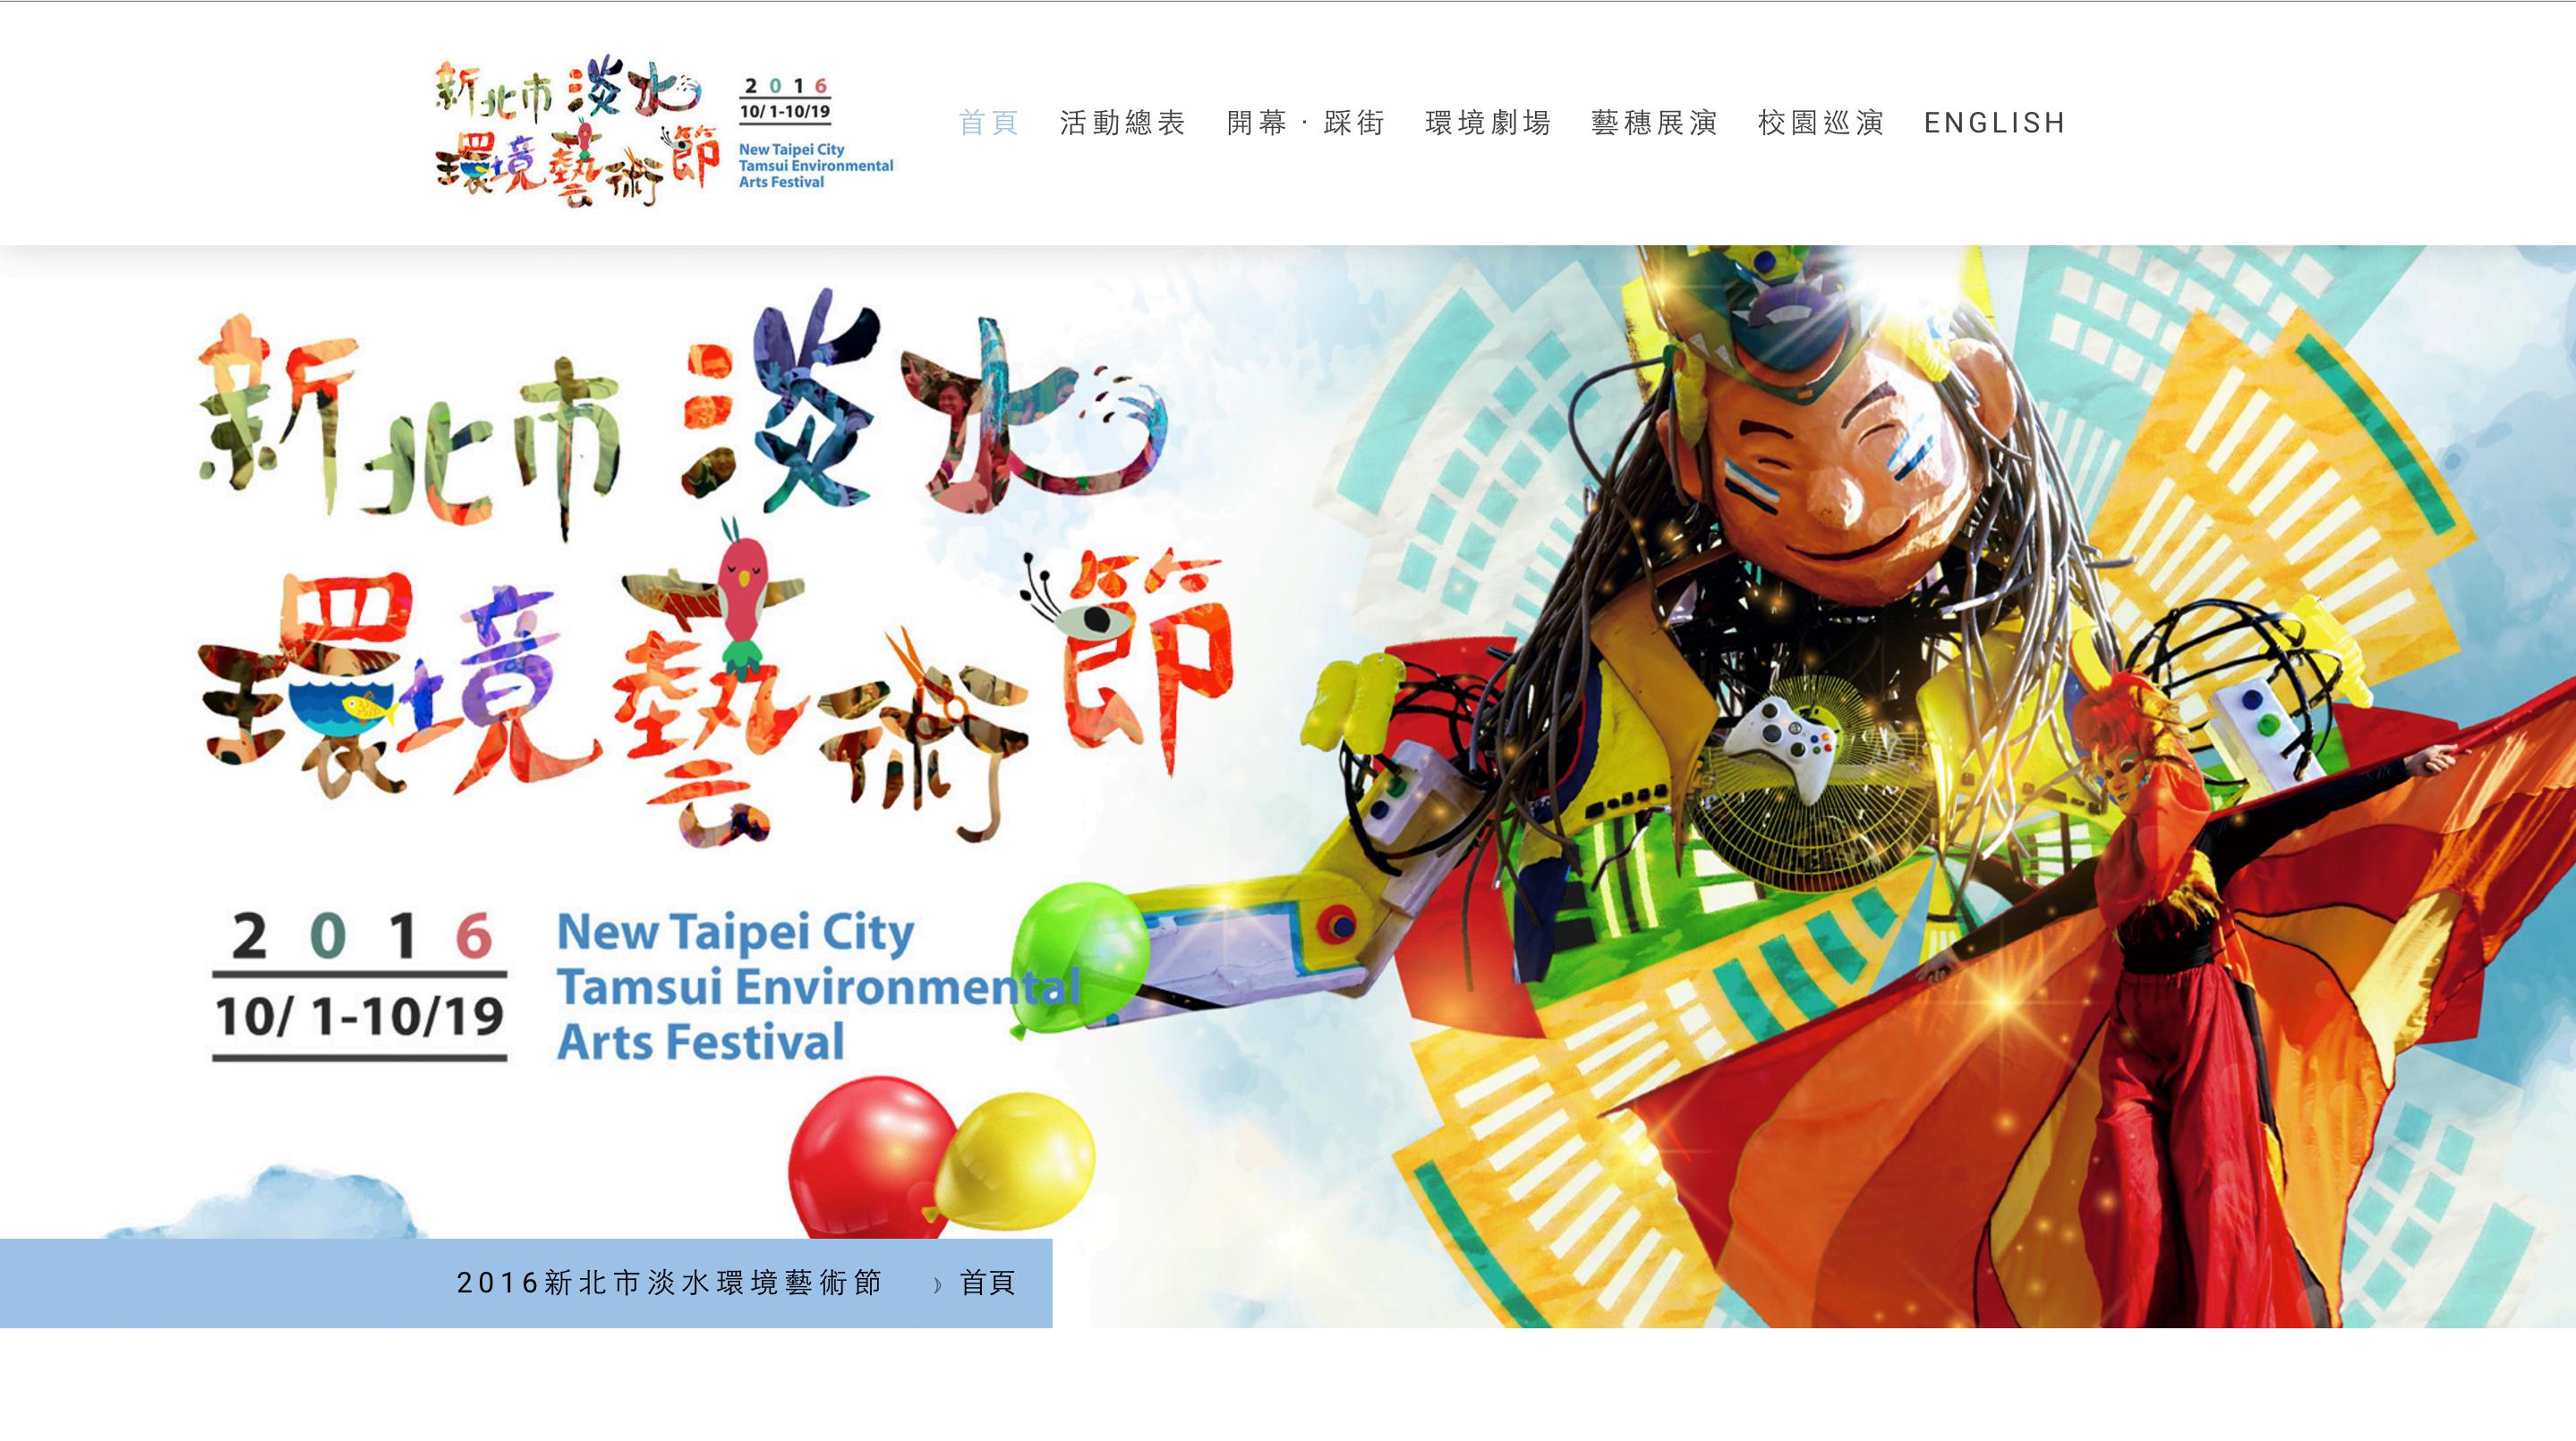 2016 淡水環境藝術節|復刻淡水傳奇歷史 打造未來魔幻淡水 2016 Tamsui 新北市 淡水環境藝術節 1